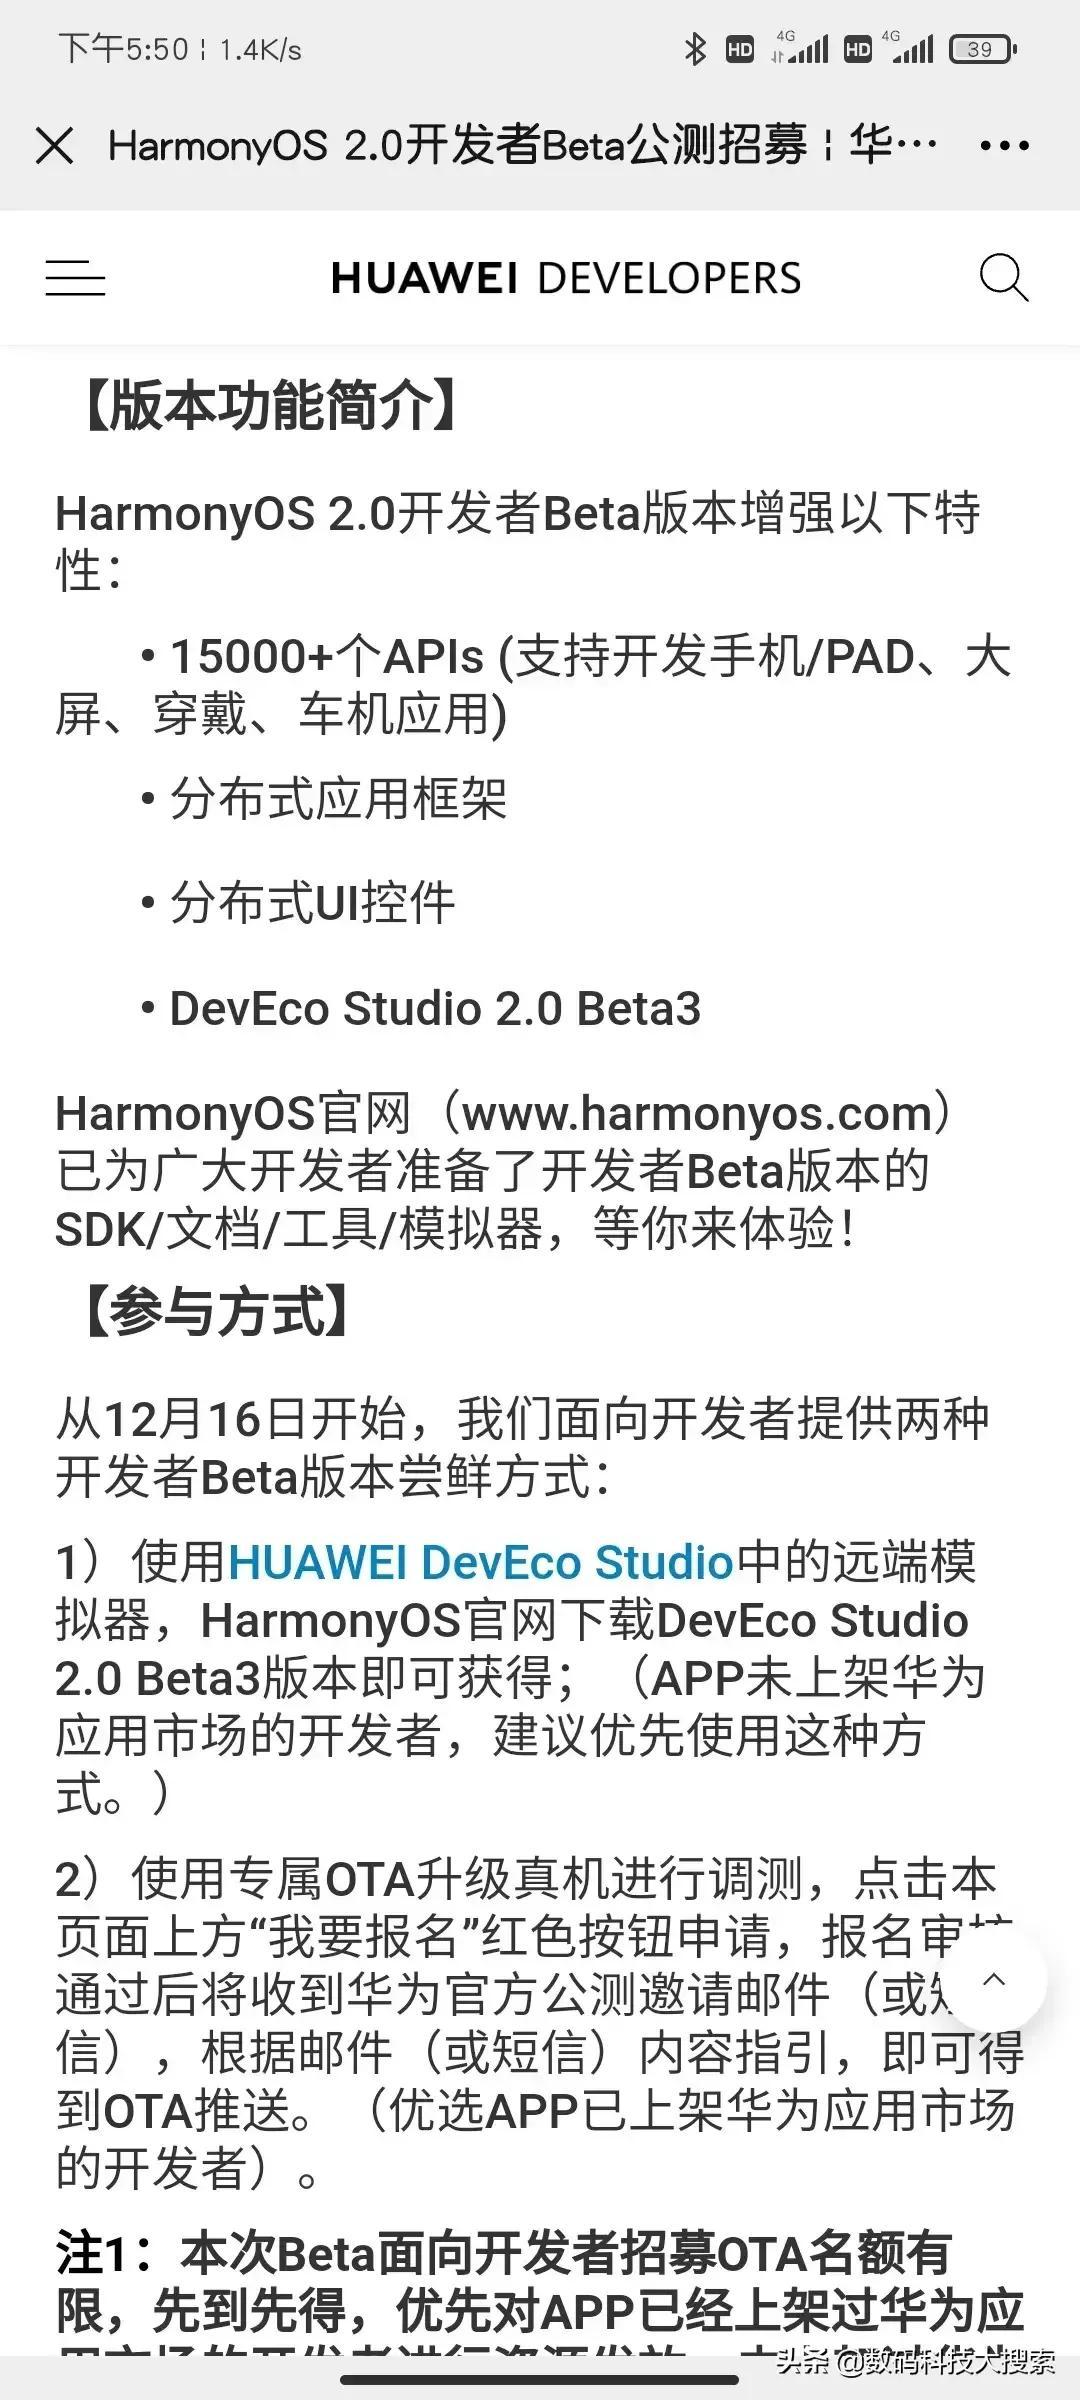 华为鸿蒙OS 2.0开发者公测版申请报名方法入口、流程、OTA升级型号清单